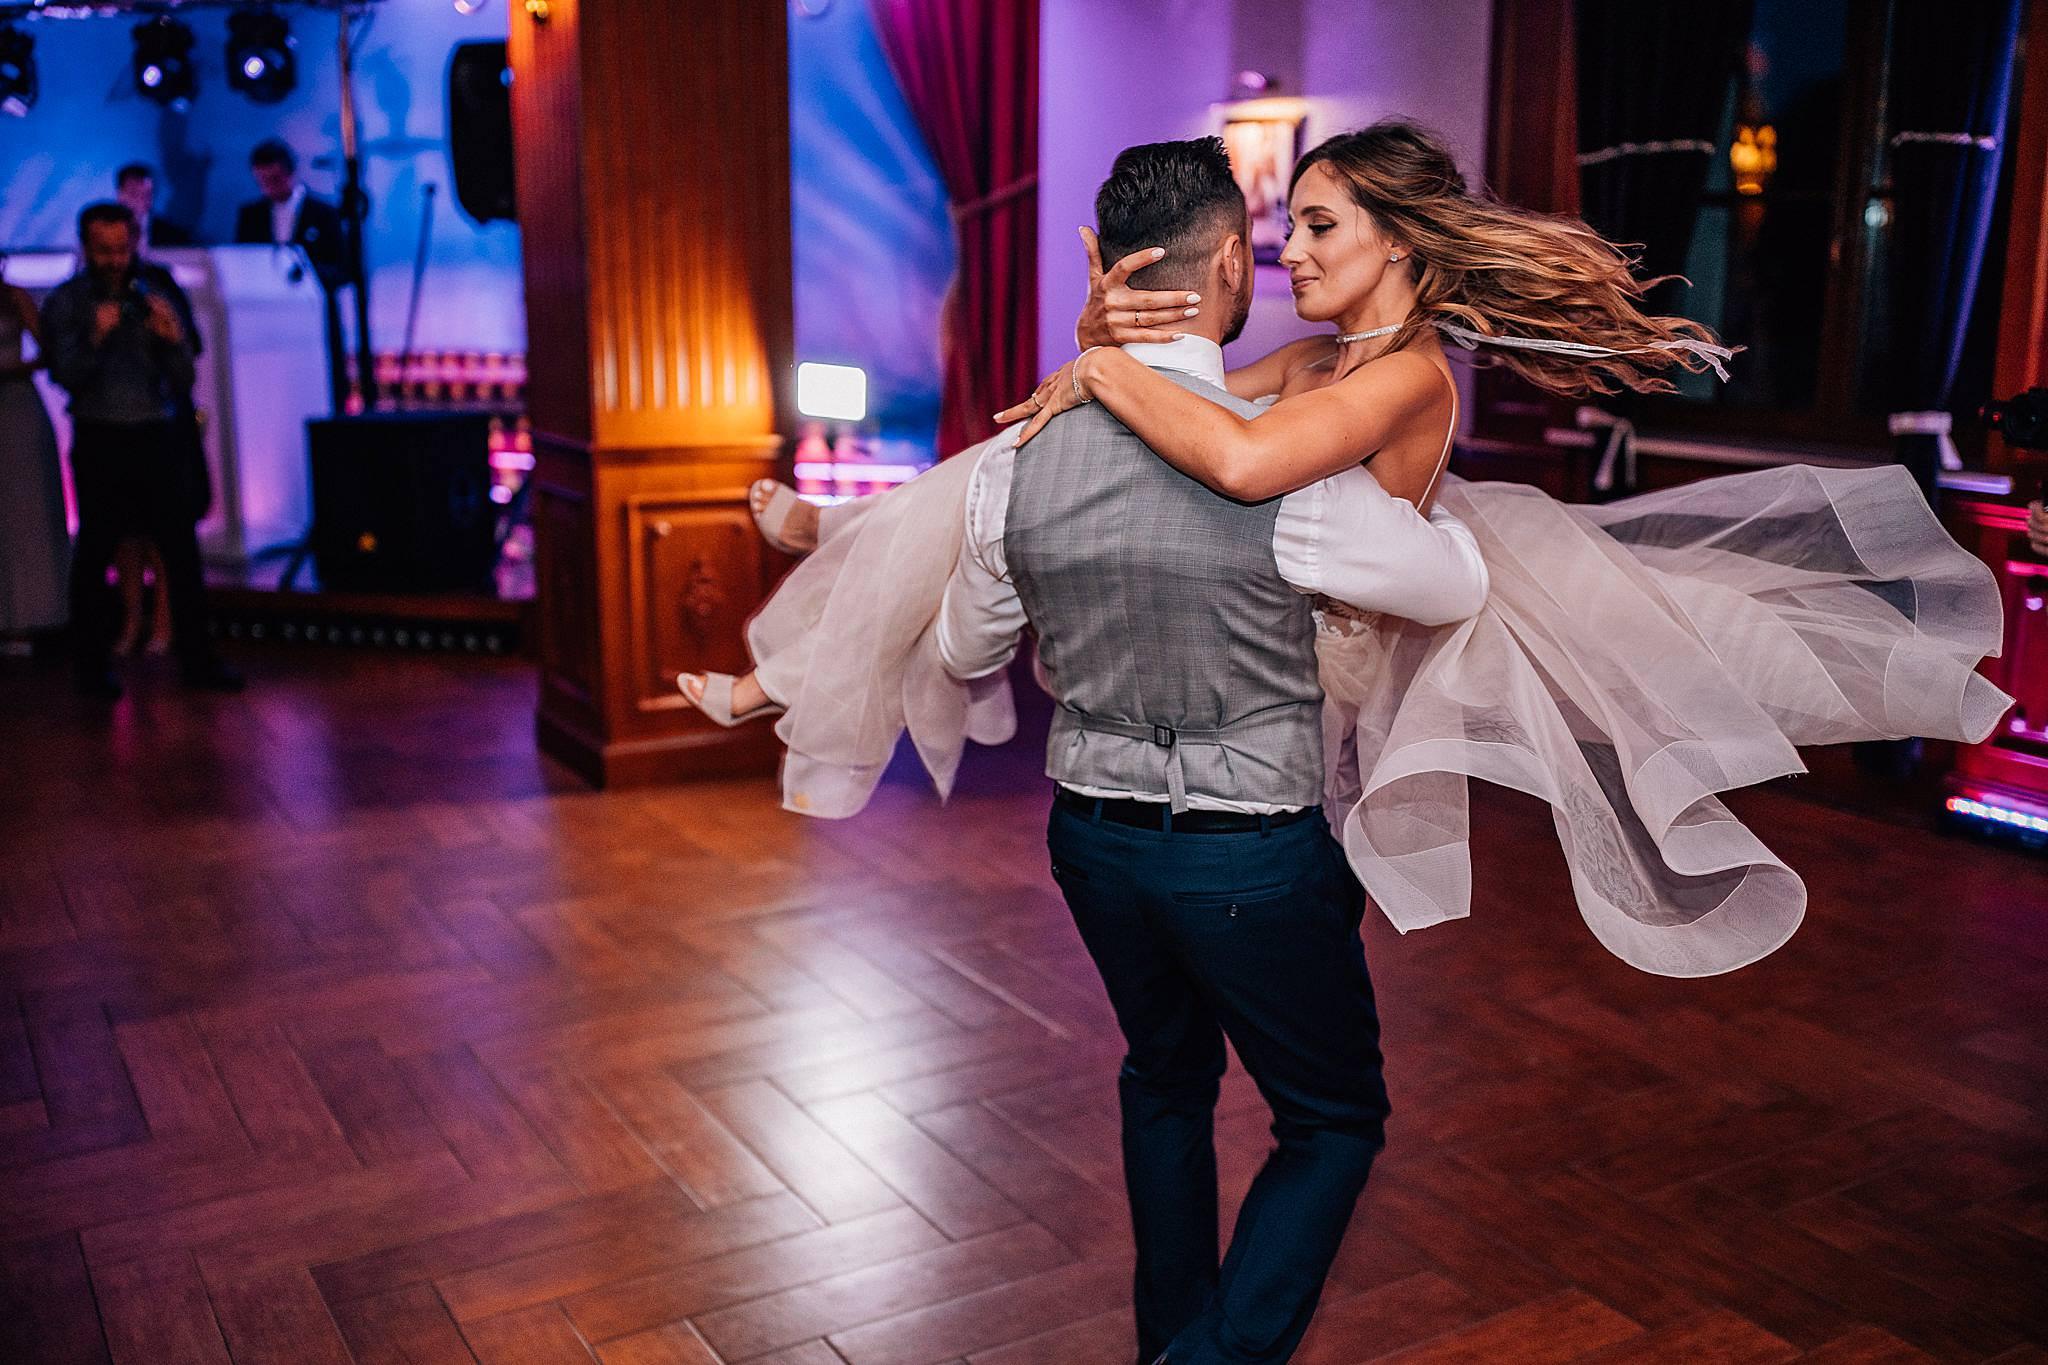 2018,Andrzejewski Pawel,Fotografia slubna,Hotel Parasol,Nieporęt,Wedding photography,www.andrzejewskipawel.com,